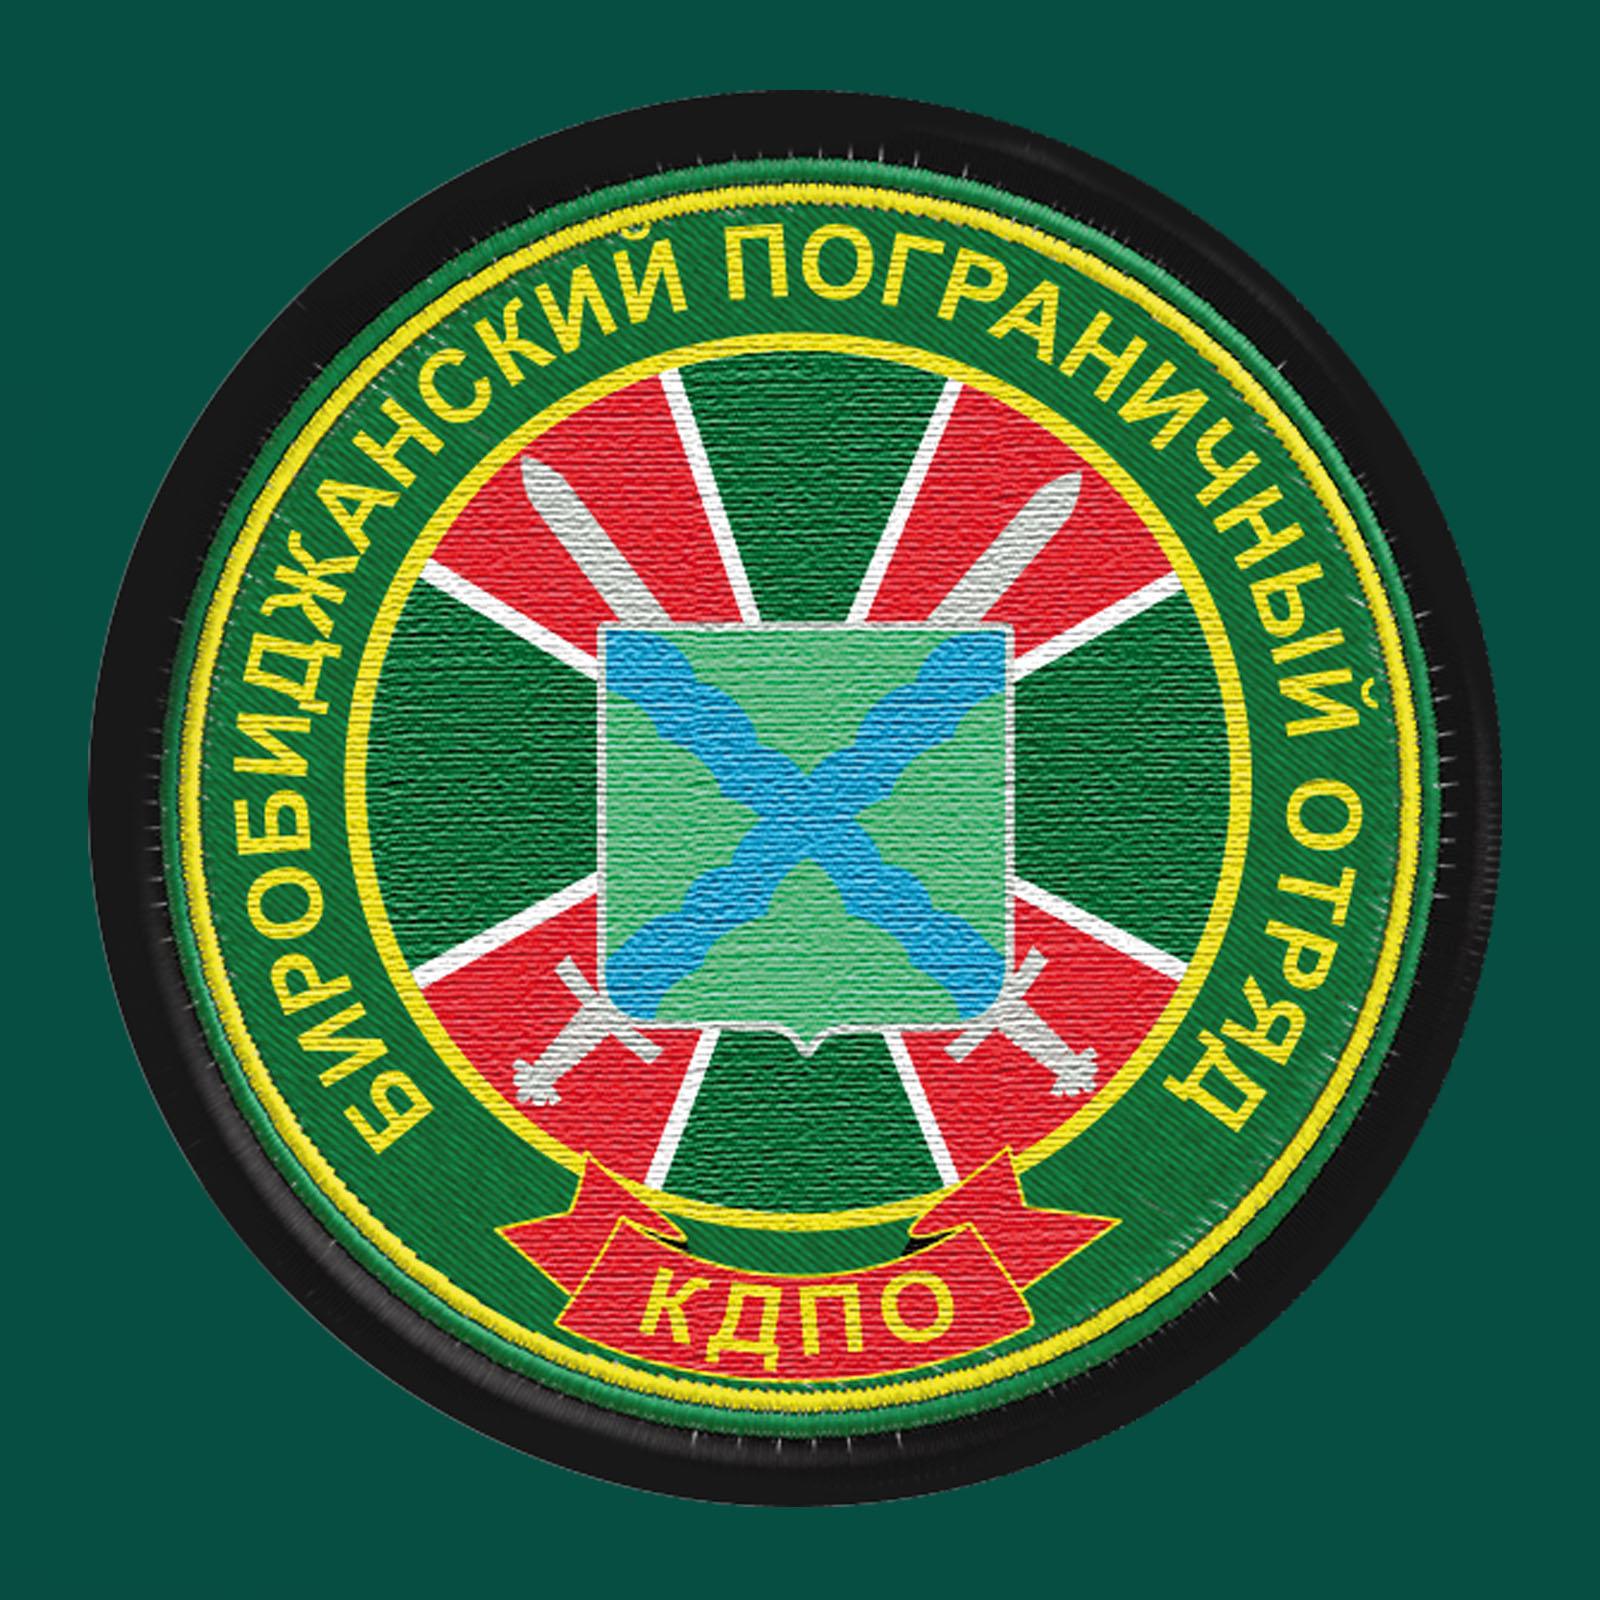 Зелёная футболка с шевроном Биробиджанского ПогО